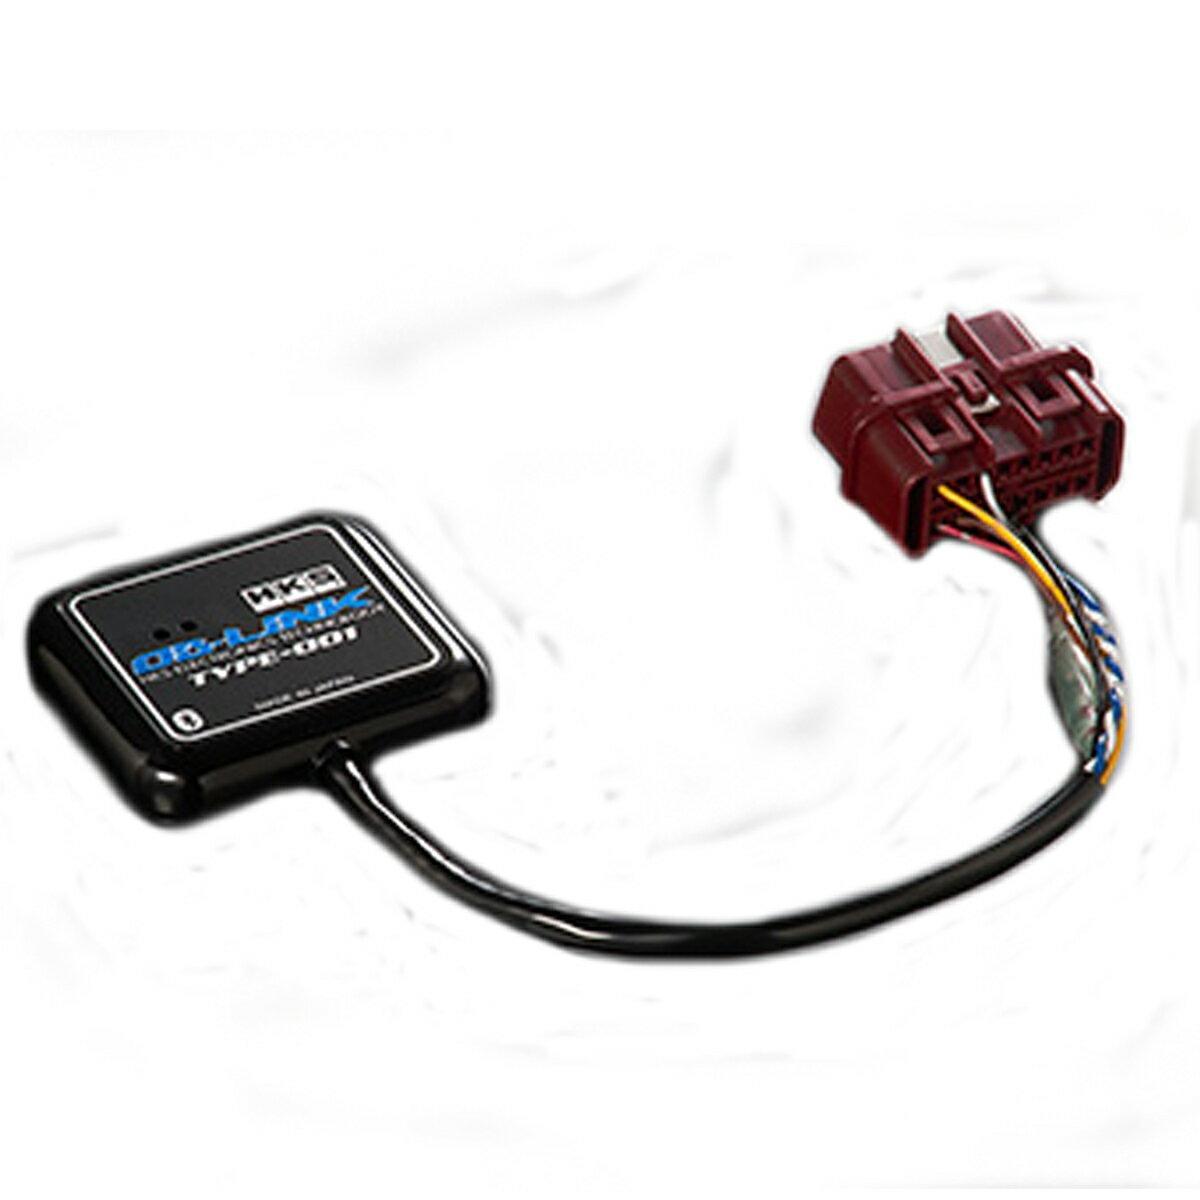 インプレッサ モニター OBリンク タイプ 001 GH8 HKS 44009-AK002 エレクトリニクス 個人宅発送追金有